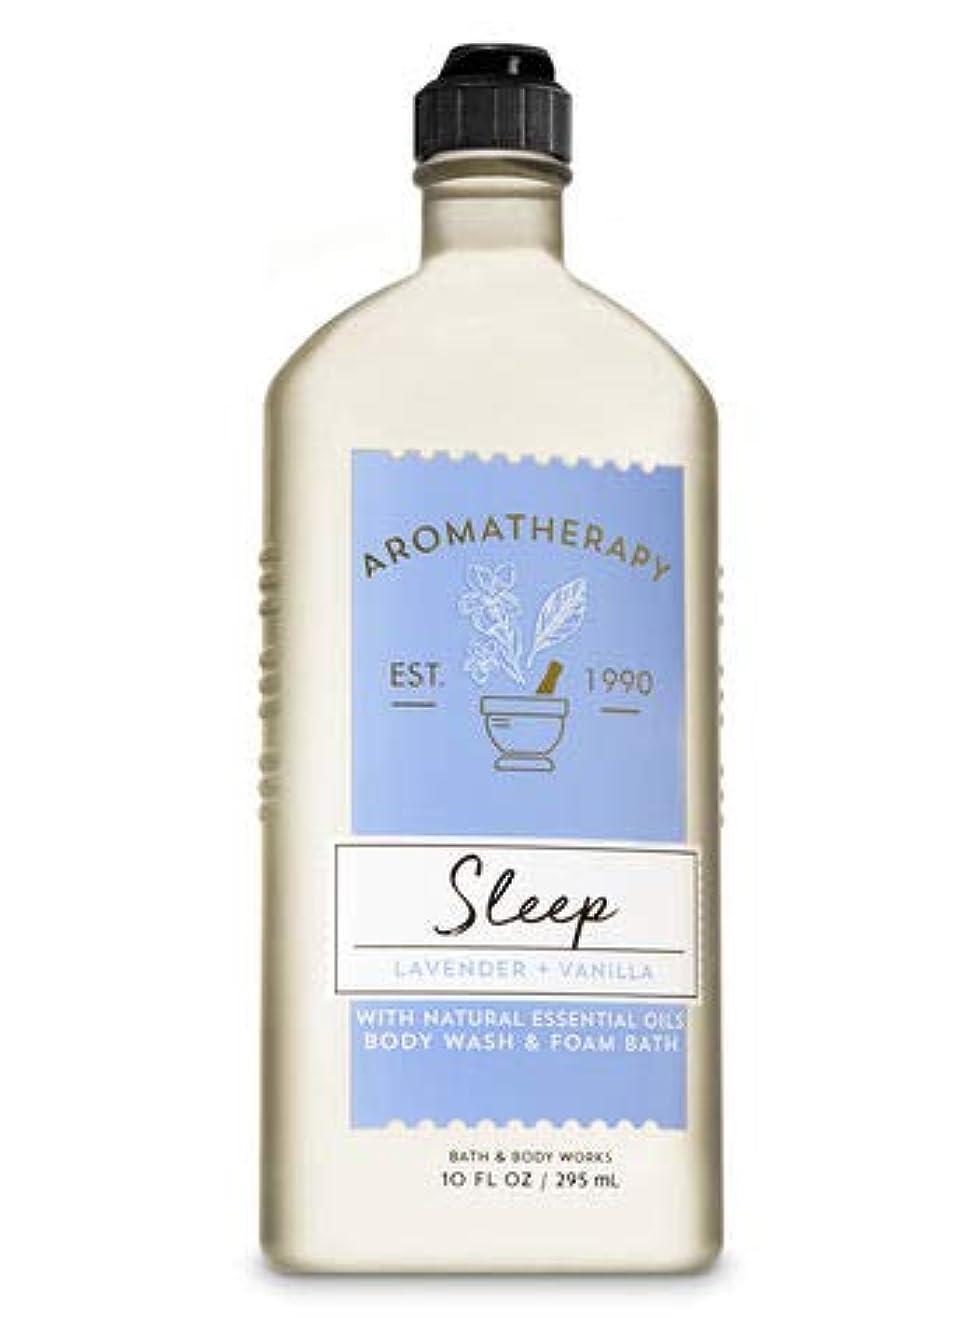 平凡サイクロプス枯渇する【Bath&Body Works/バス&ボディワークス】 ボディウォッシュ&フォームバス アロマセラピー スリープ ラベンダーバニラ Body Wash & Foam Bath Aromatherapy Sleep Lavender Vanilla 10 fl oz / 295 mL [並行輸入品]